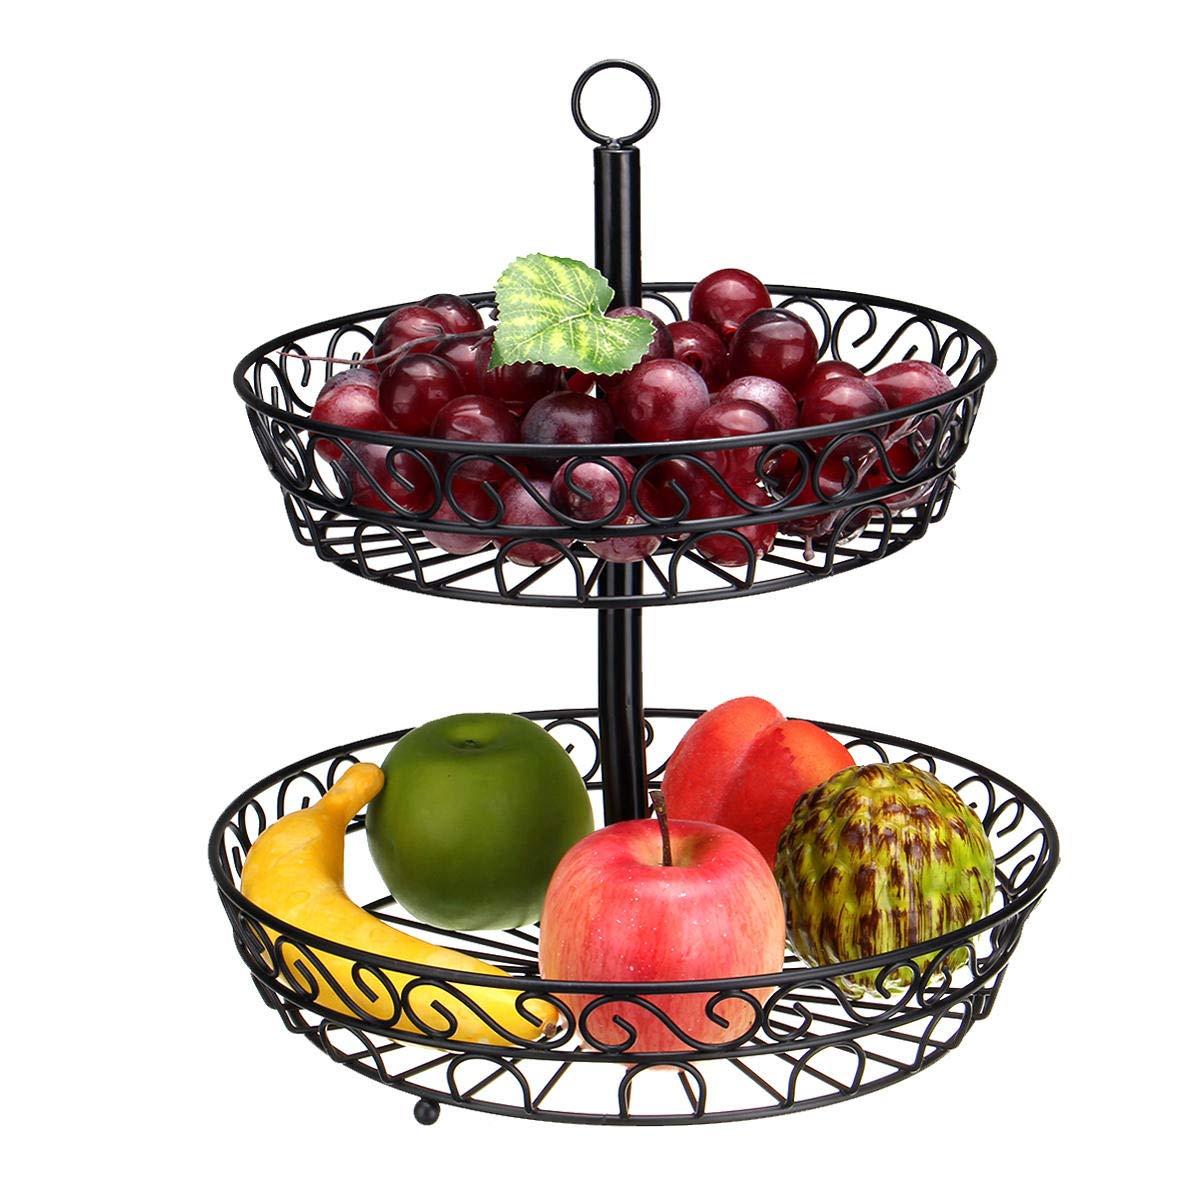 30cm Kitchen Restaurant Fruit Vegetable Basket 2 Tier Iron Rack Storage Organizer Stand Holder